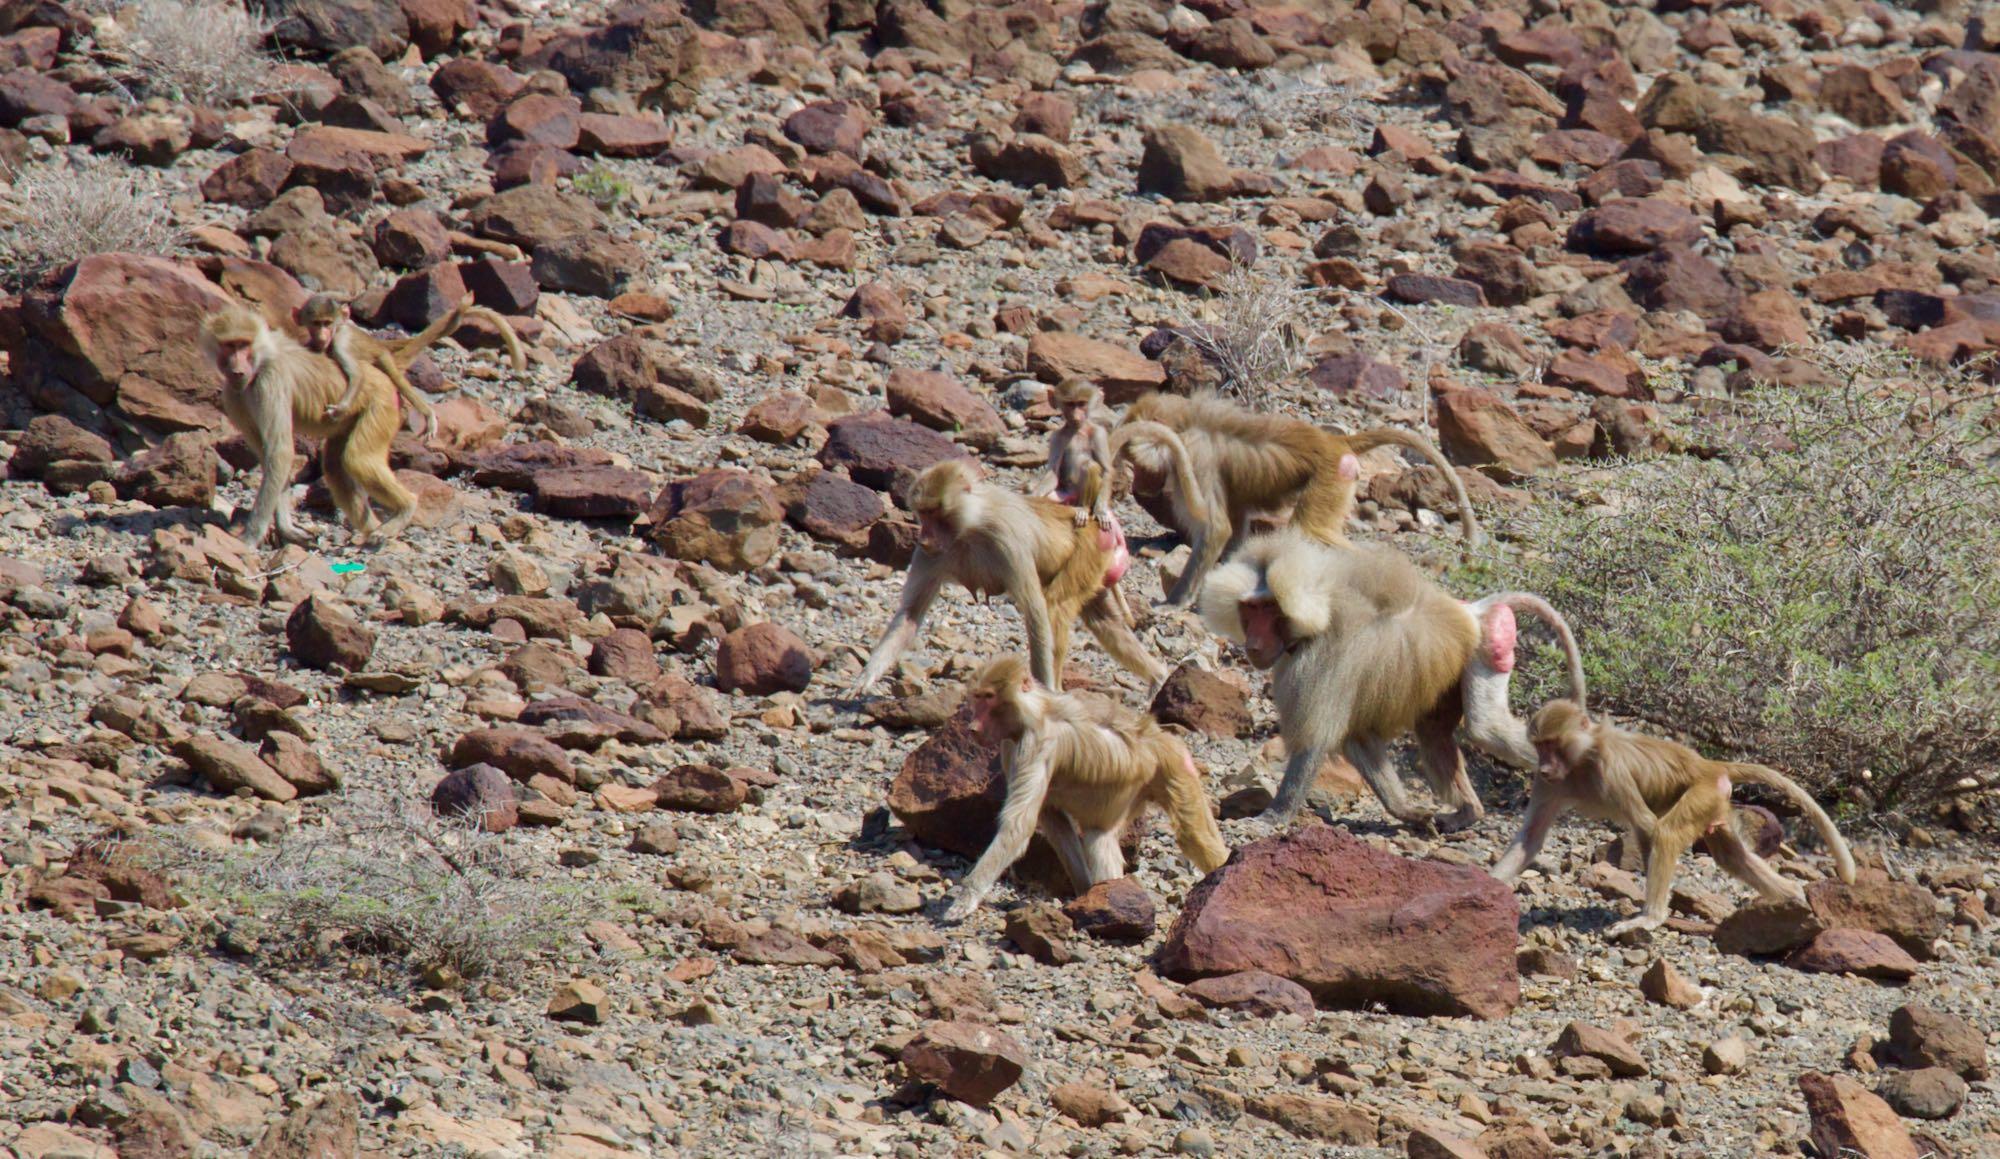 decan assamo babouins